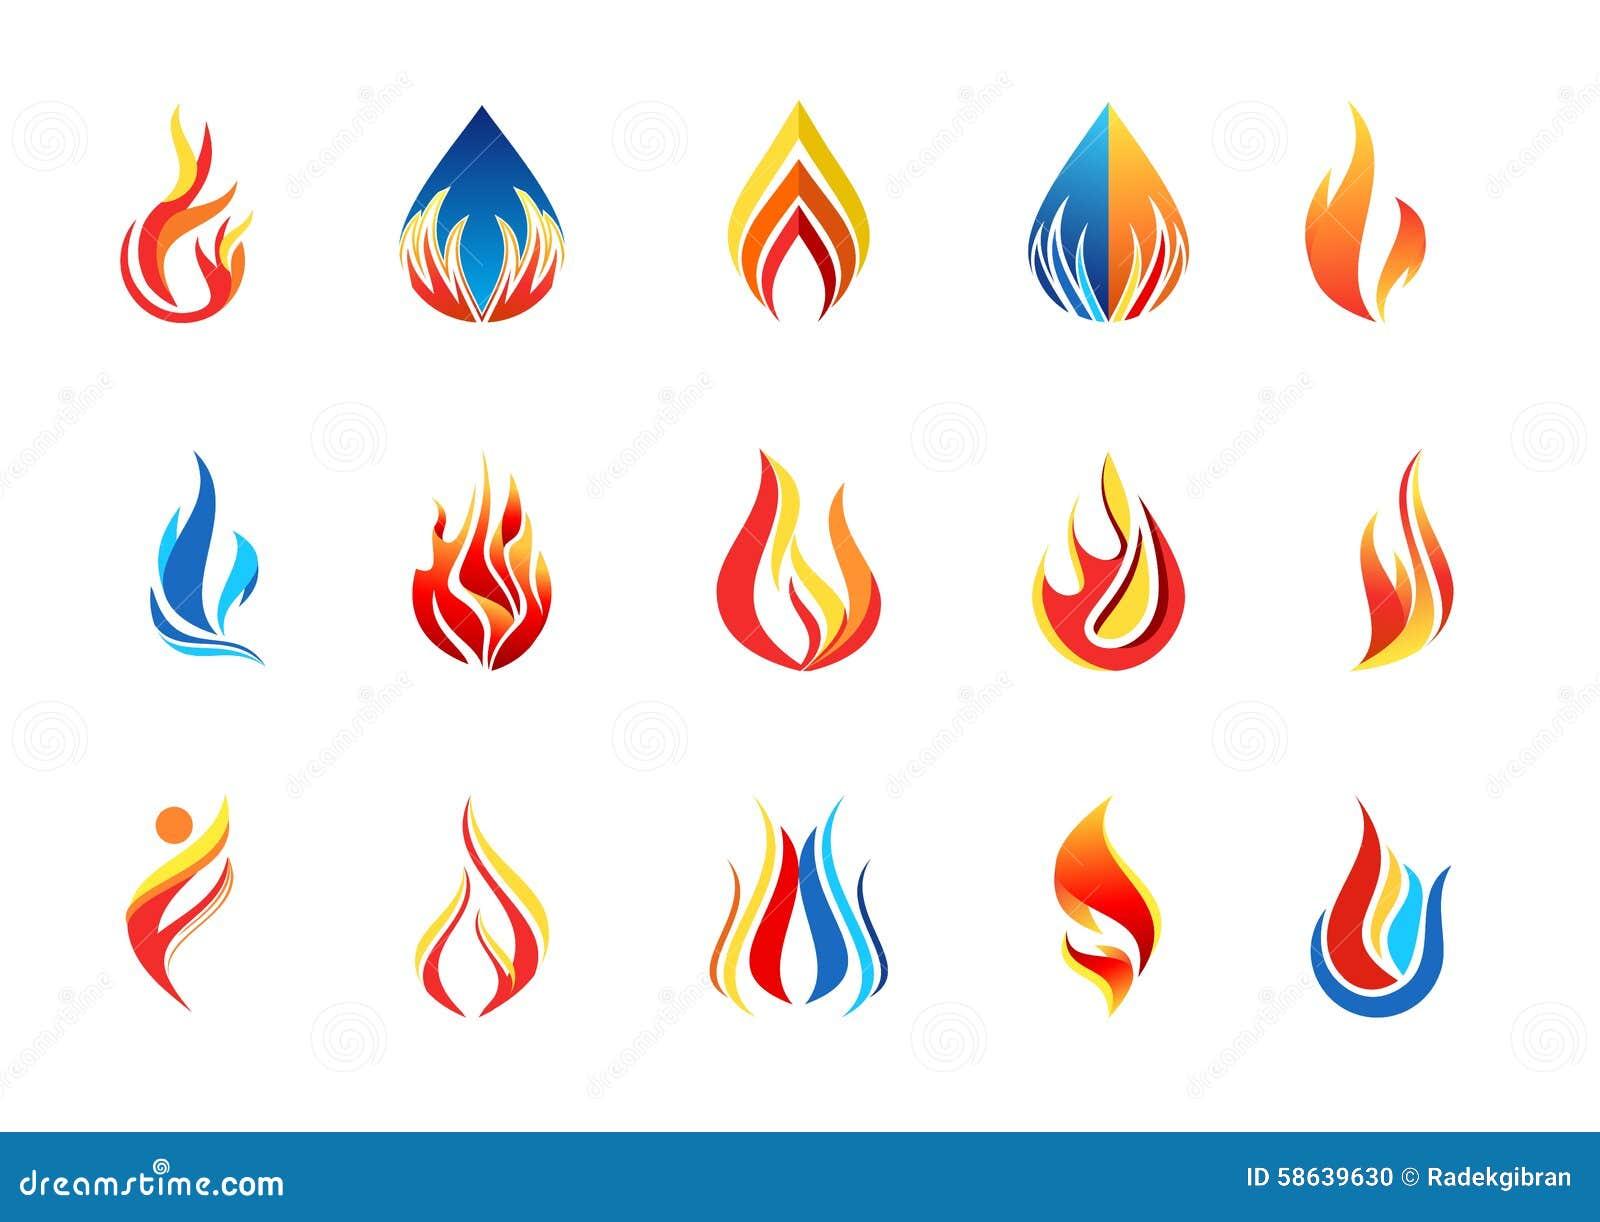 Encienda el logotipo de la llama, vector moderno del diseño del icono del símbolo del logotipo de la colección de las llamas